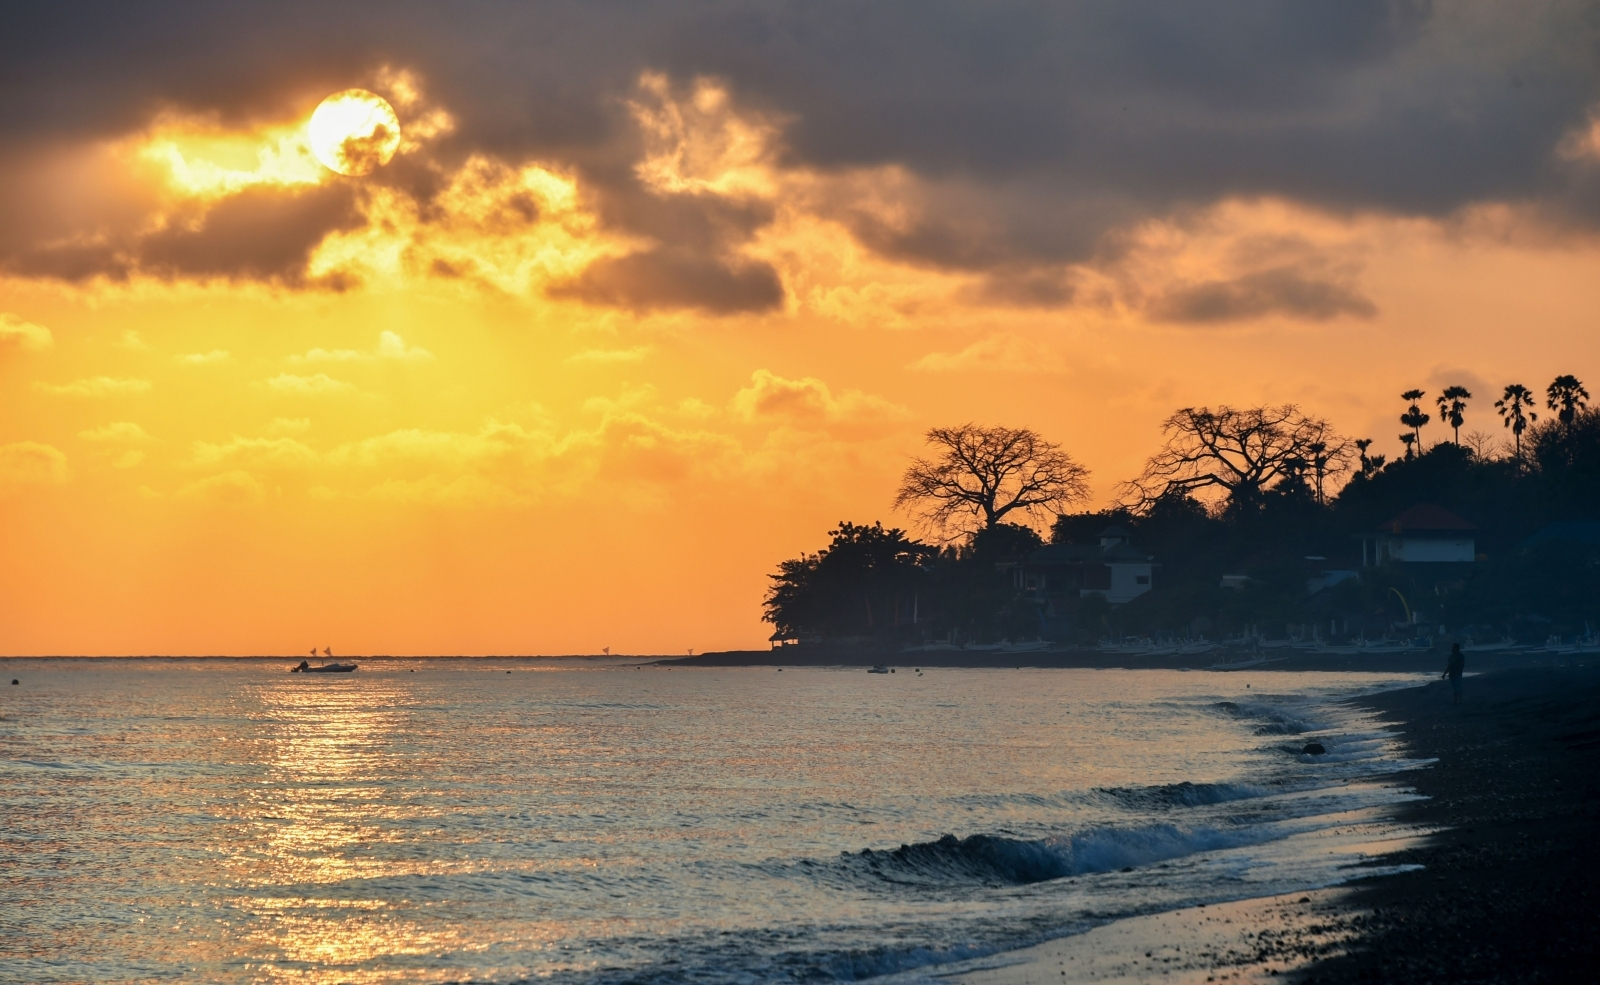 Morning sun in Bali